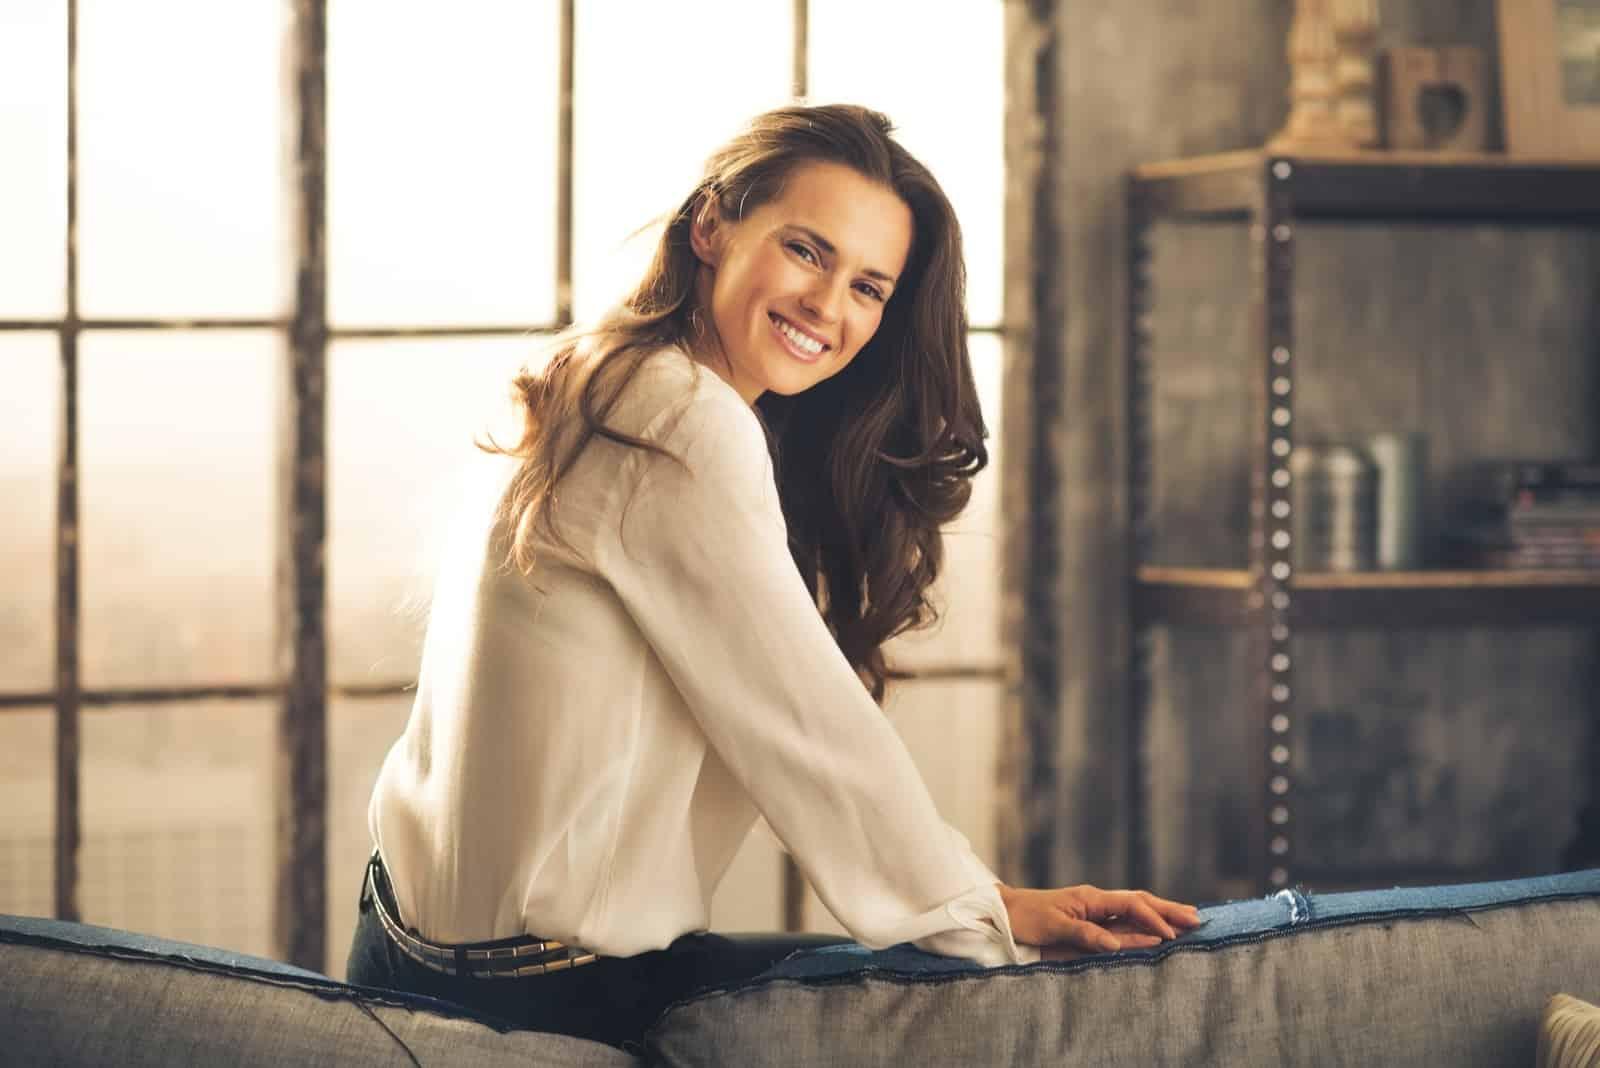 eine lächelnde braunhaarige Frau sitzt auf der Couch